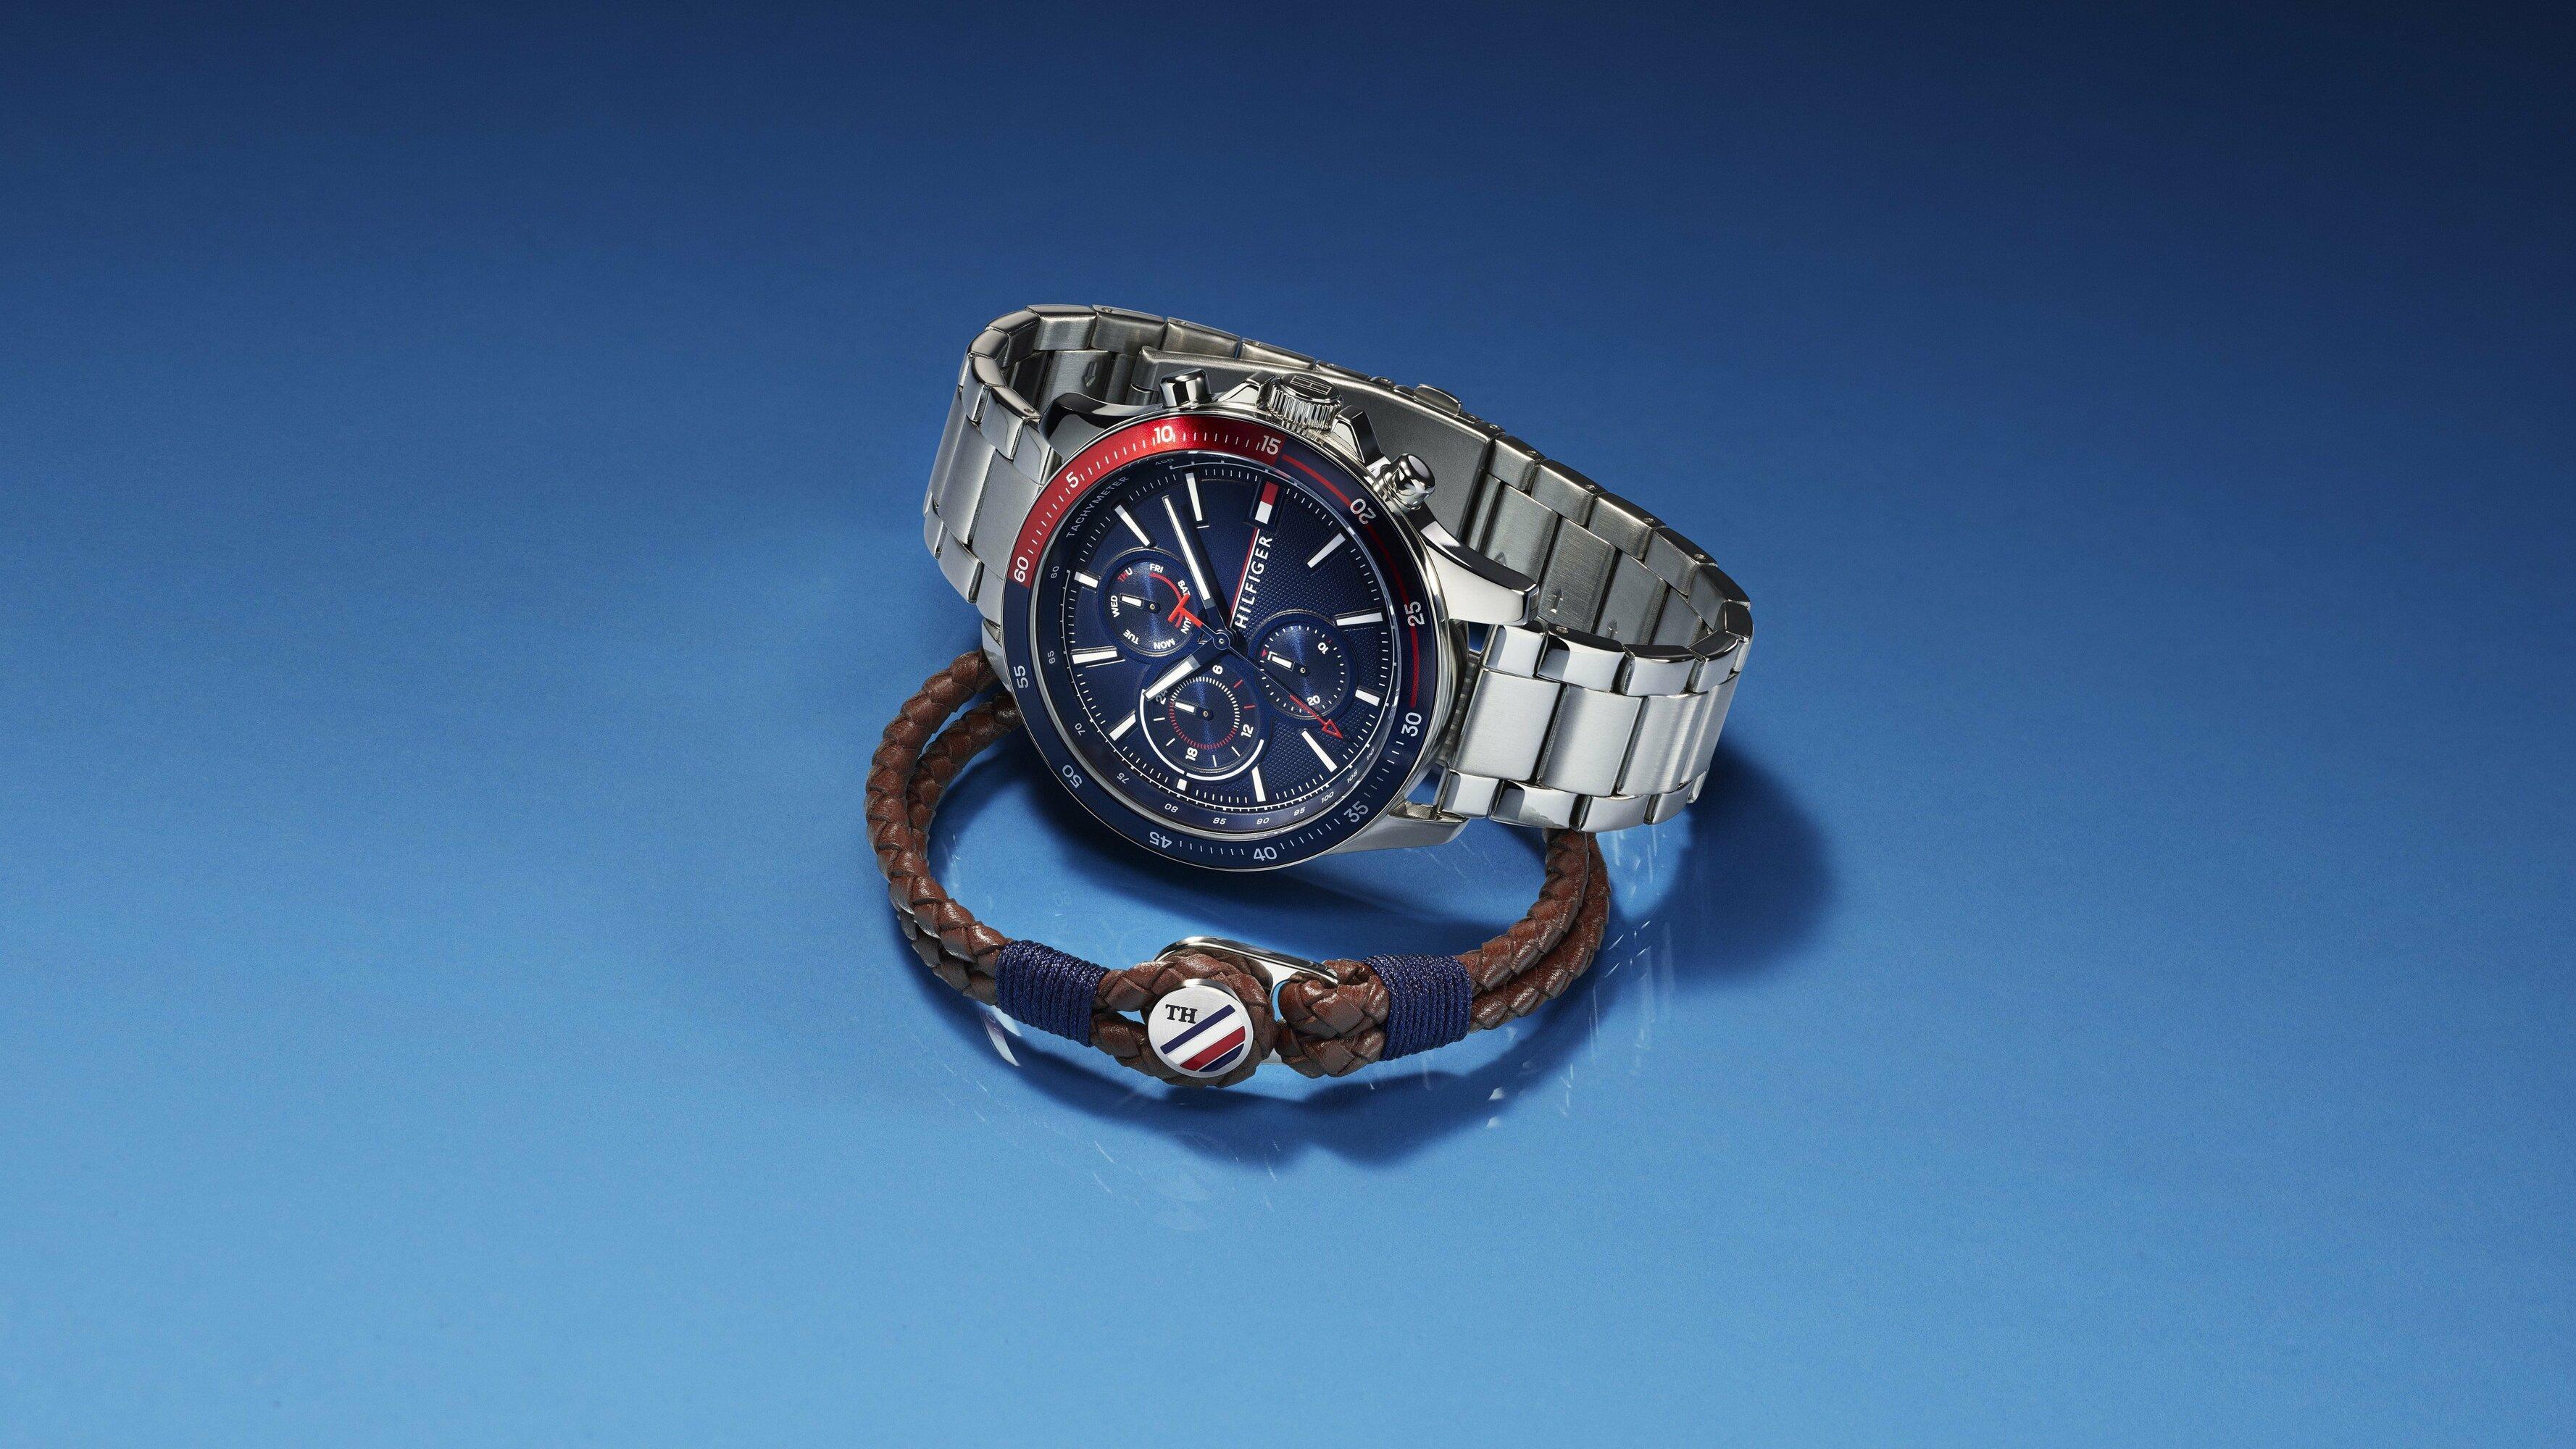 Zegarek Tommy Hilfiger dla niego